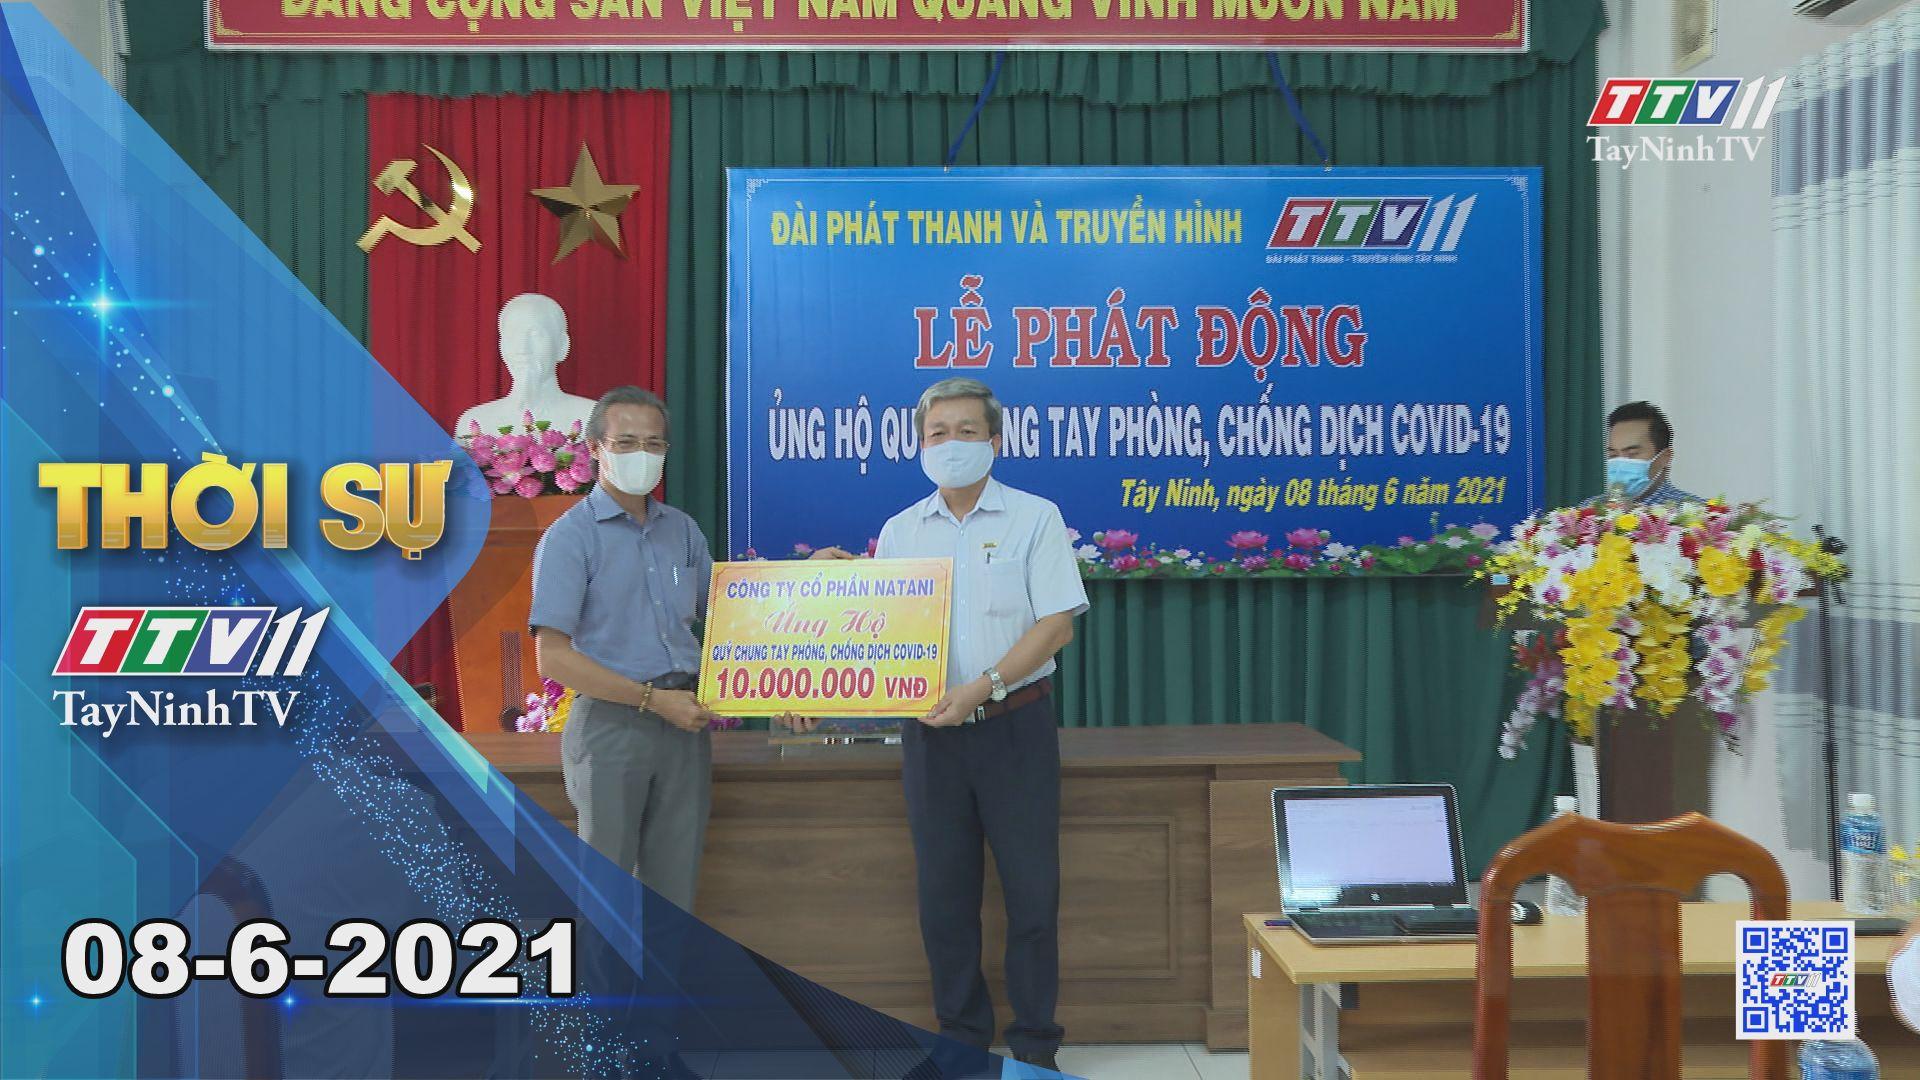 Thời sự Tây Ninh 08-6-2021 | Tin tức hôm nay | TayNinhTV